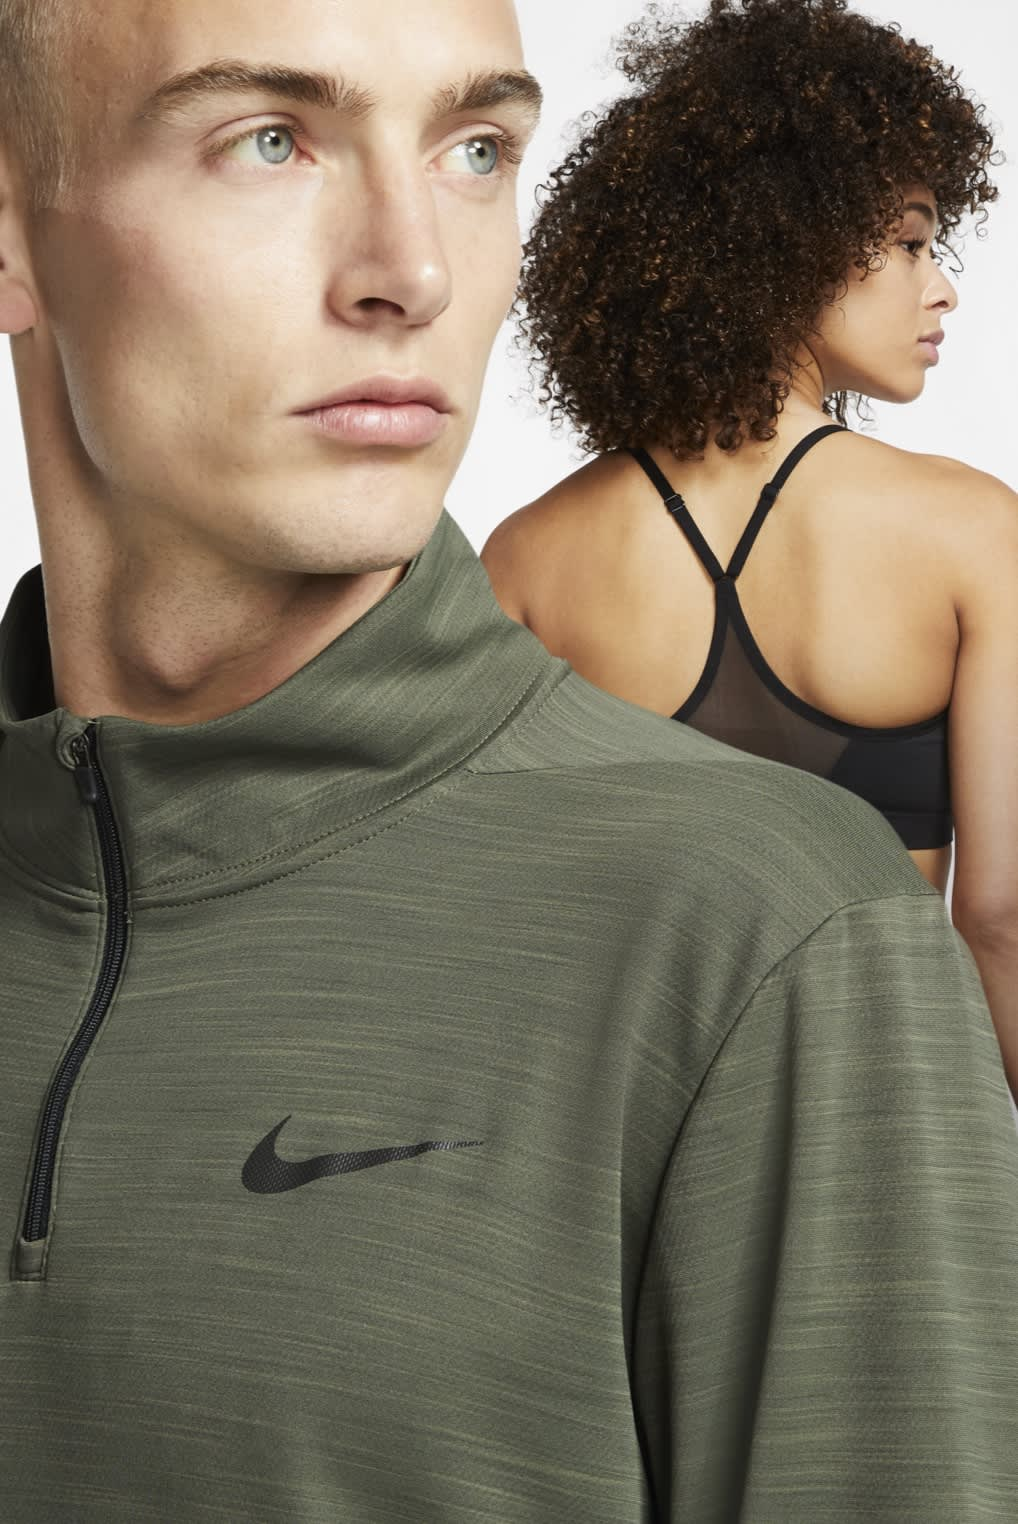 Clearance Clothing \u0026 Apparel. Nike.com